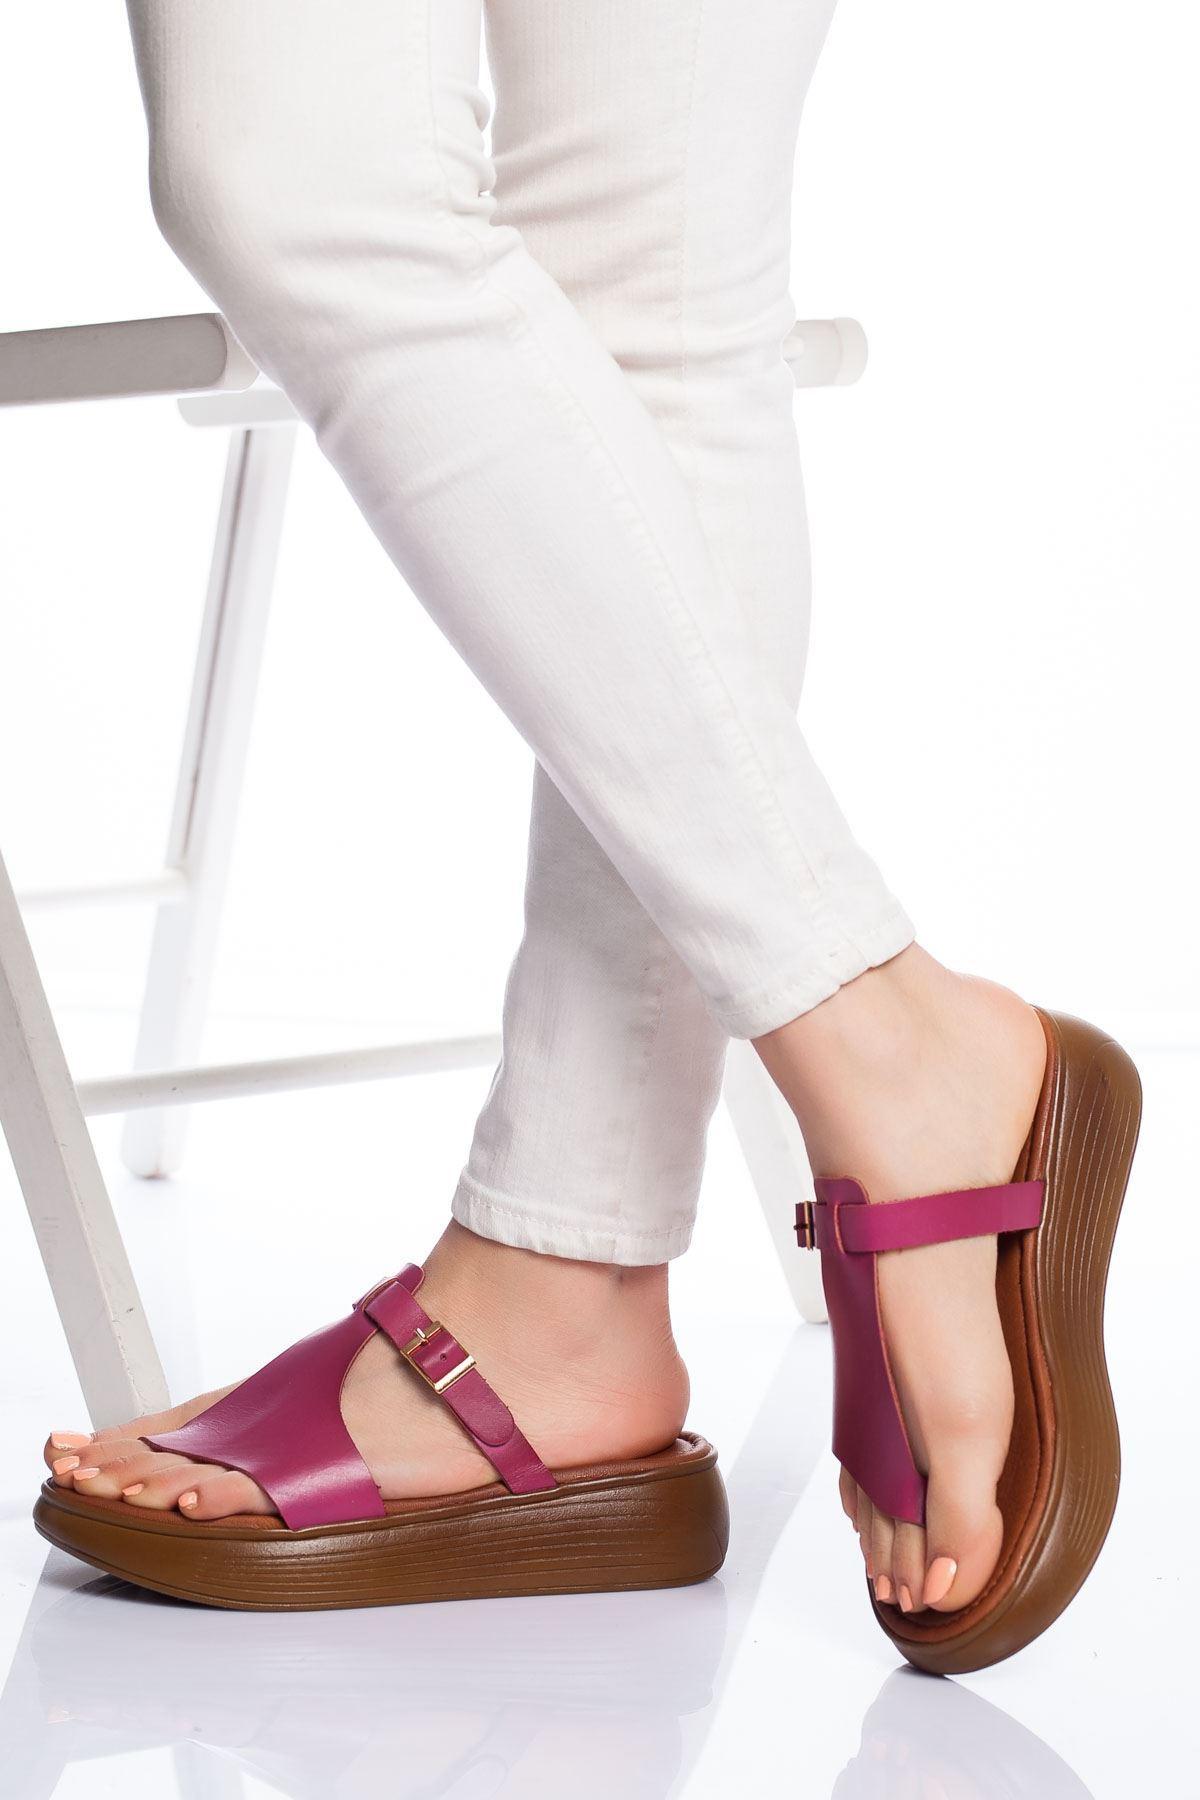 Talia Hakiki Deri Bayan Sandalet FUSYA